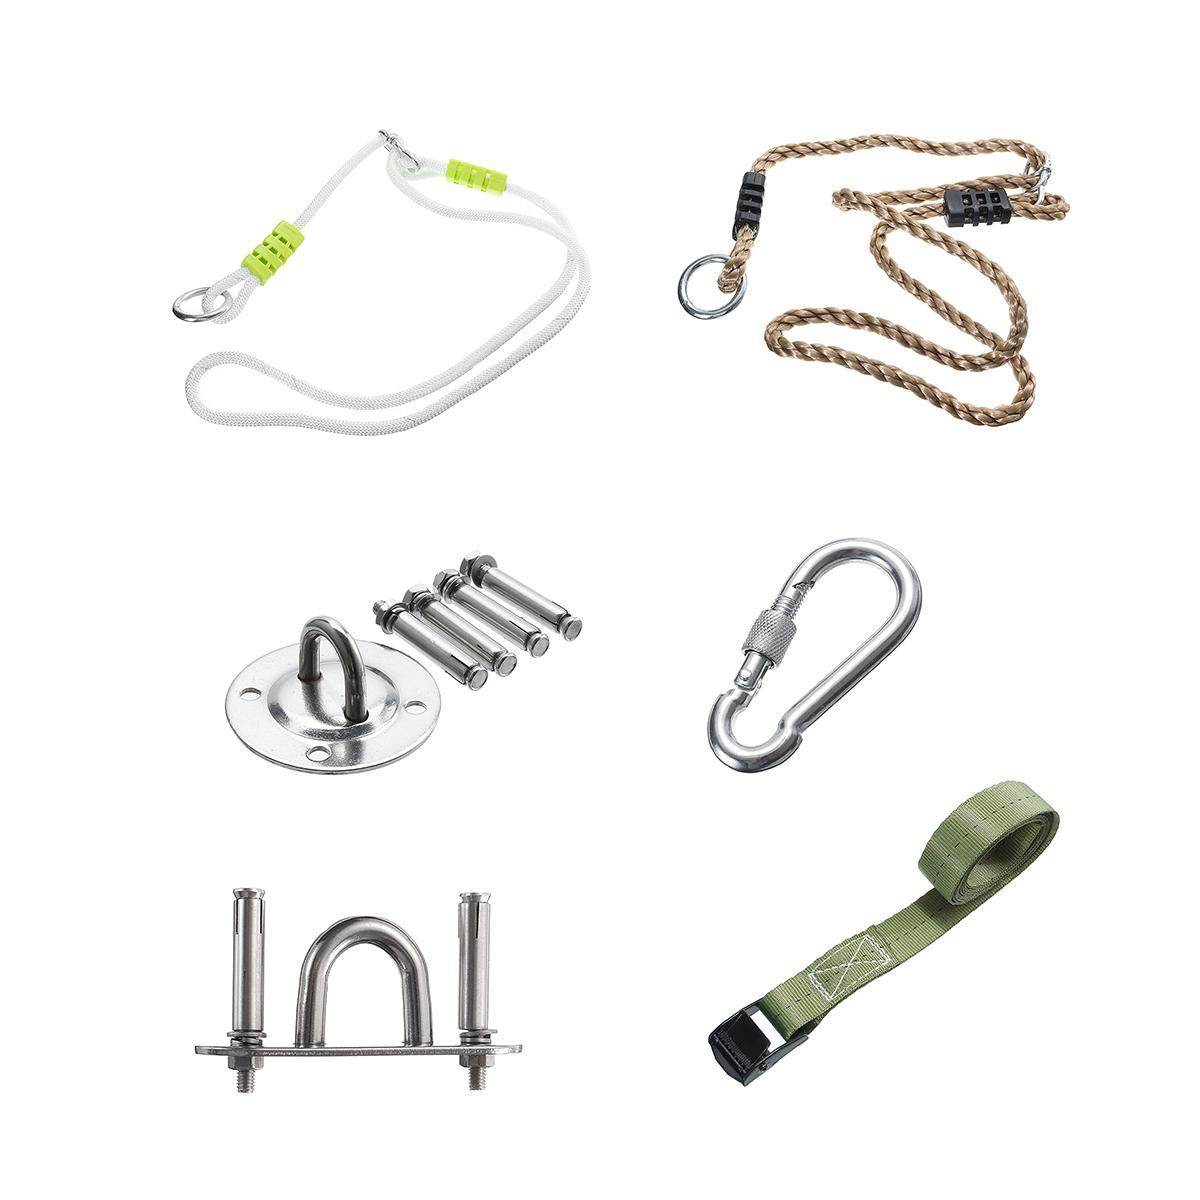 6 tipos de viaje Camping piezas de hamaca de plástico al aire libre árbol Swing conversión extensión cuerda Kit herramientas accesorios de oscilación